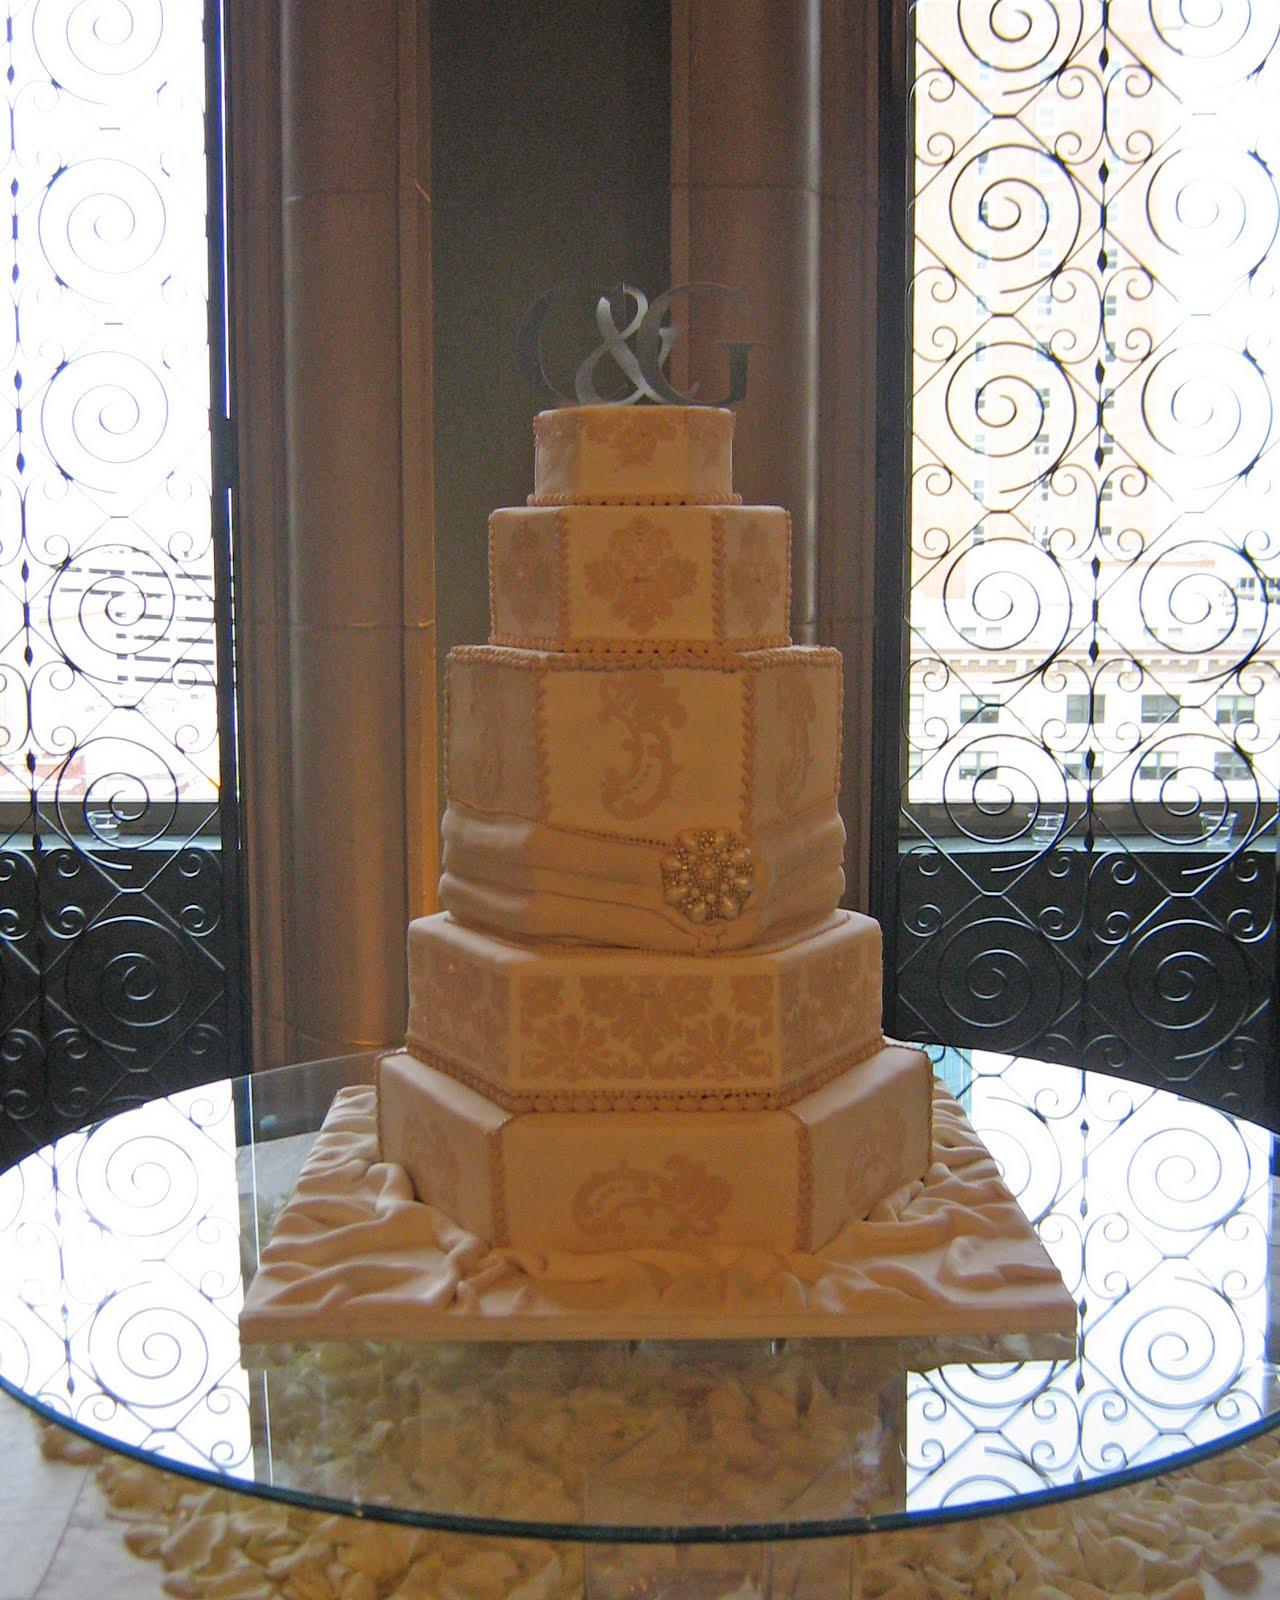 Sublime Bakery Elegant Ivory Hexagonal Wedding Cake with